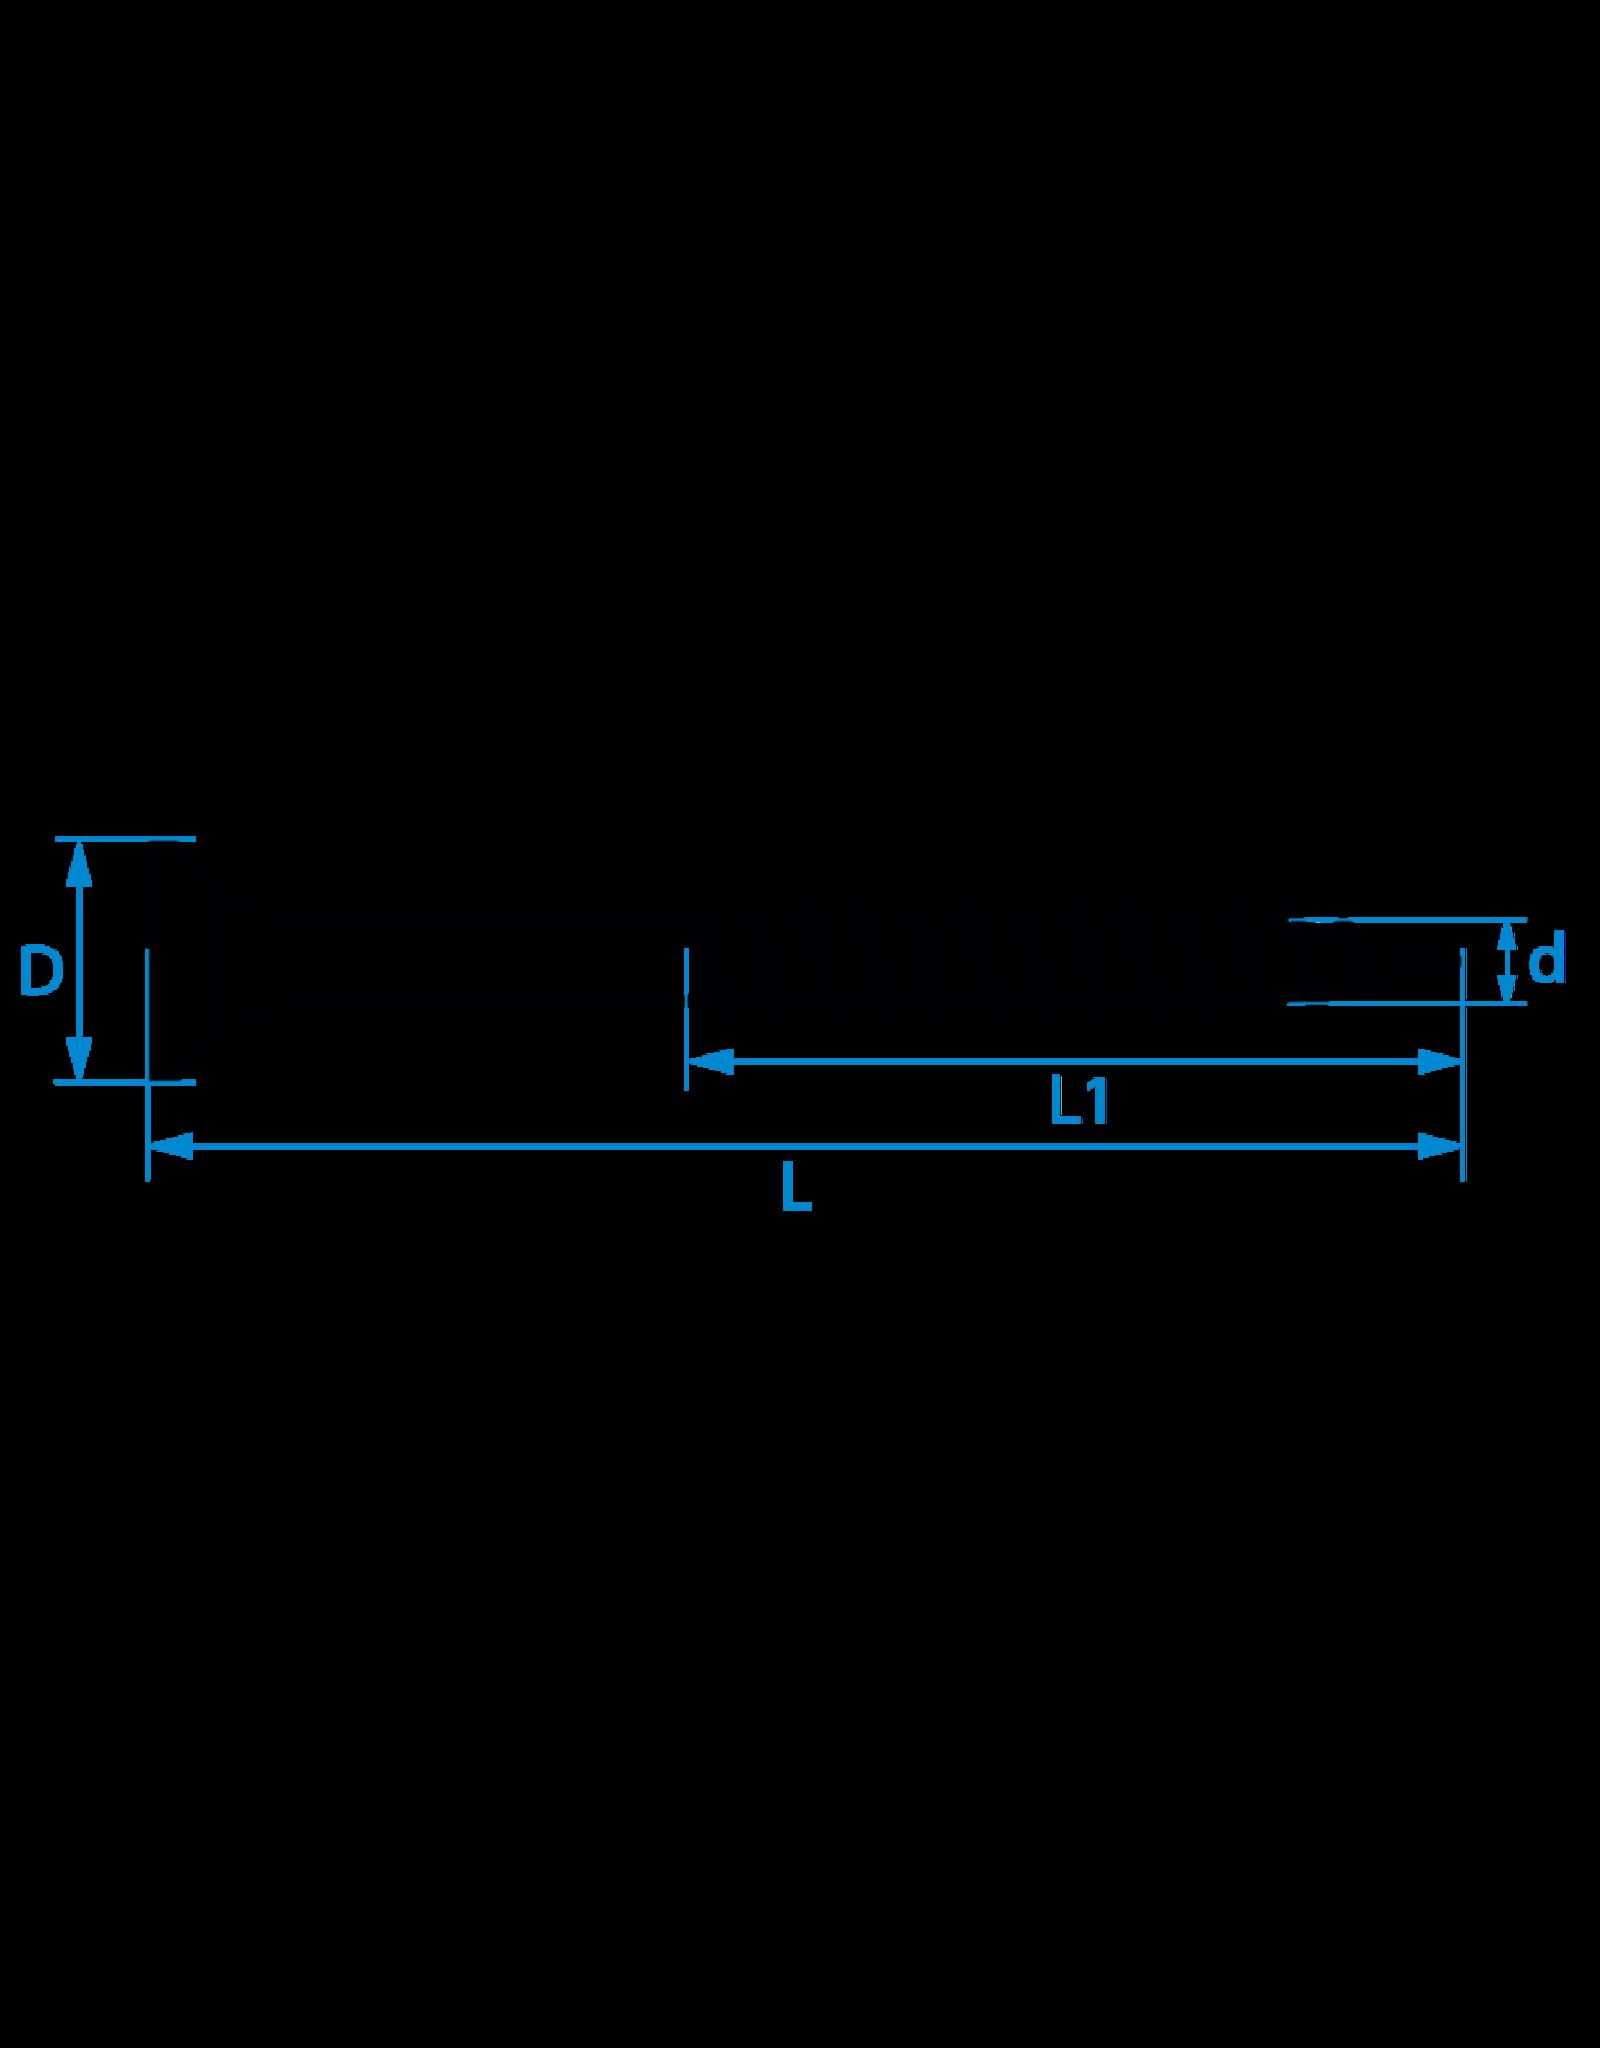 Spaanplaatschroeven platkop 5.0x50 TX-25 staal gehard verzinkt per 200 stuks